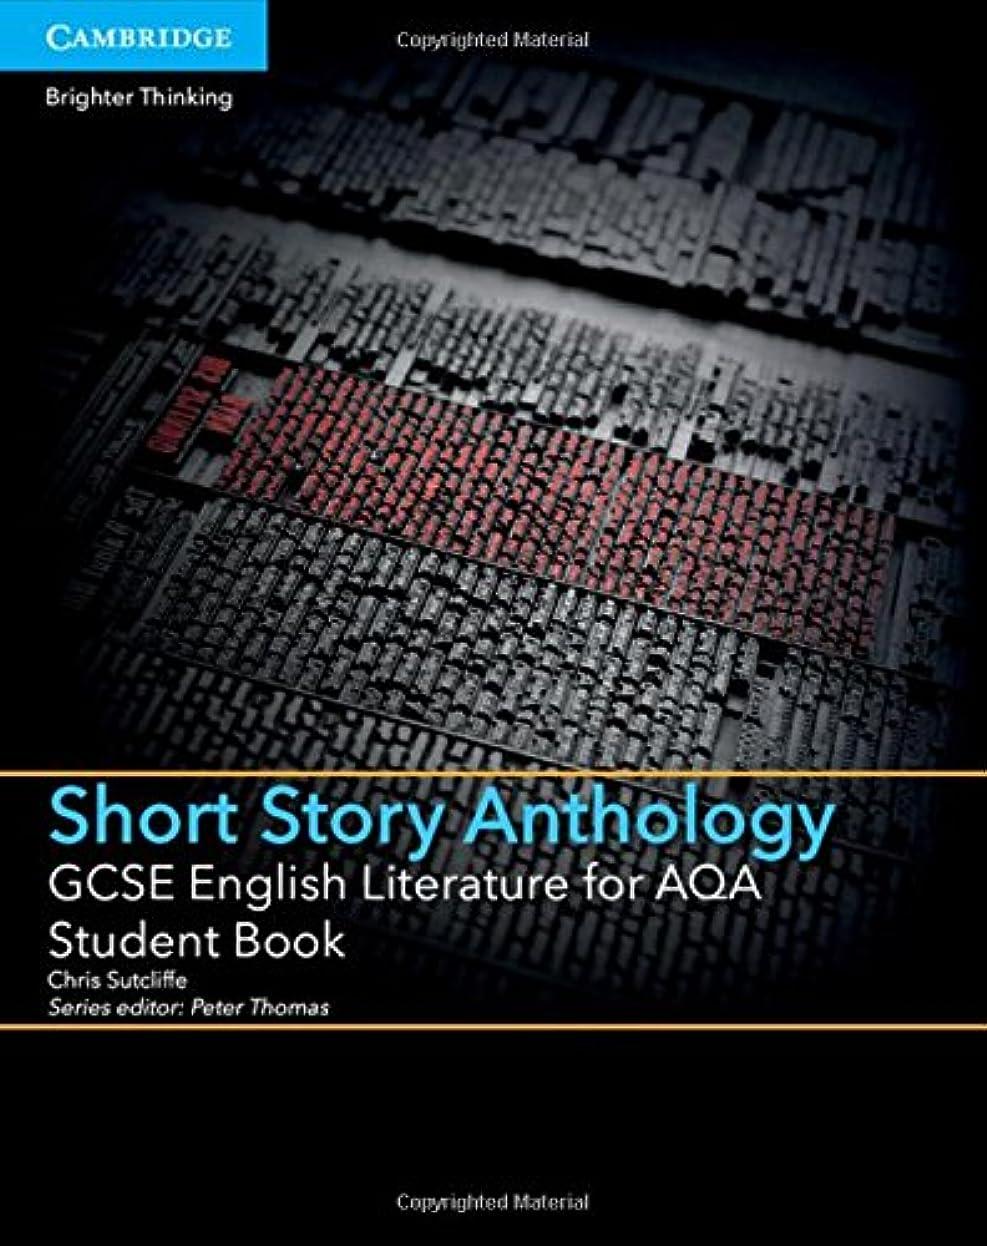 持参フランクワースリー苛性GCSE English Literature for AQA Short Story Anthology Student Book (GCSE English Literature AQA)